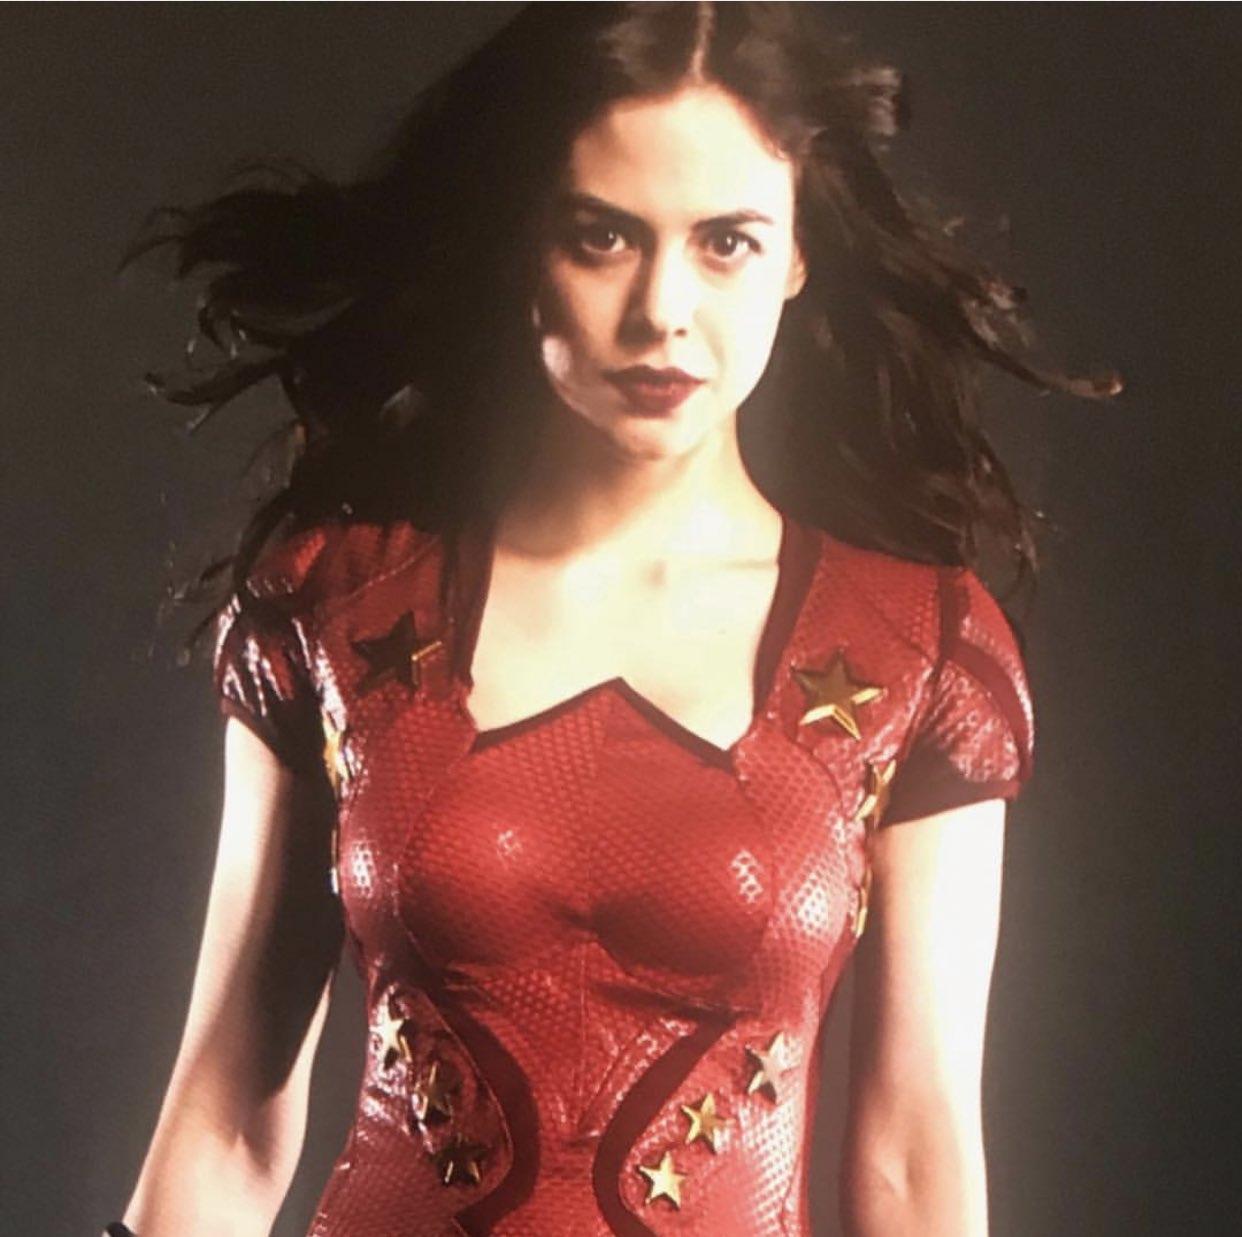 Personagem cativa da primeira temporada de Titans, Donna Troy, interpretada pela atriz Conor Leslie, teve finalmente seu traje revelado.